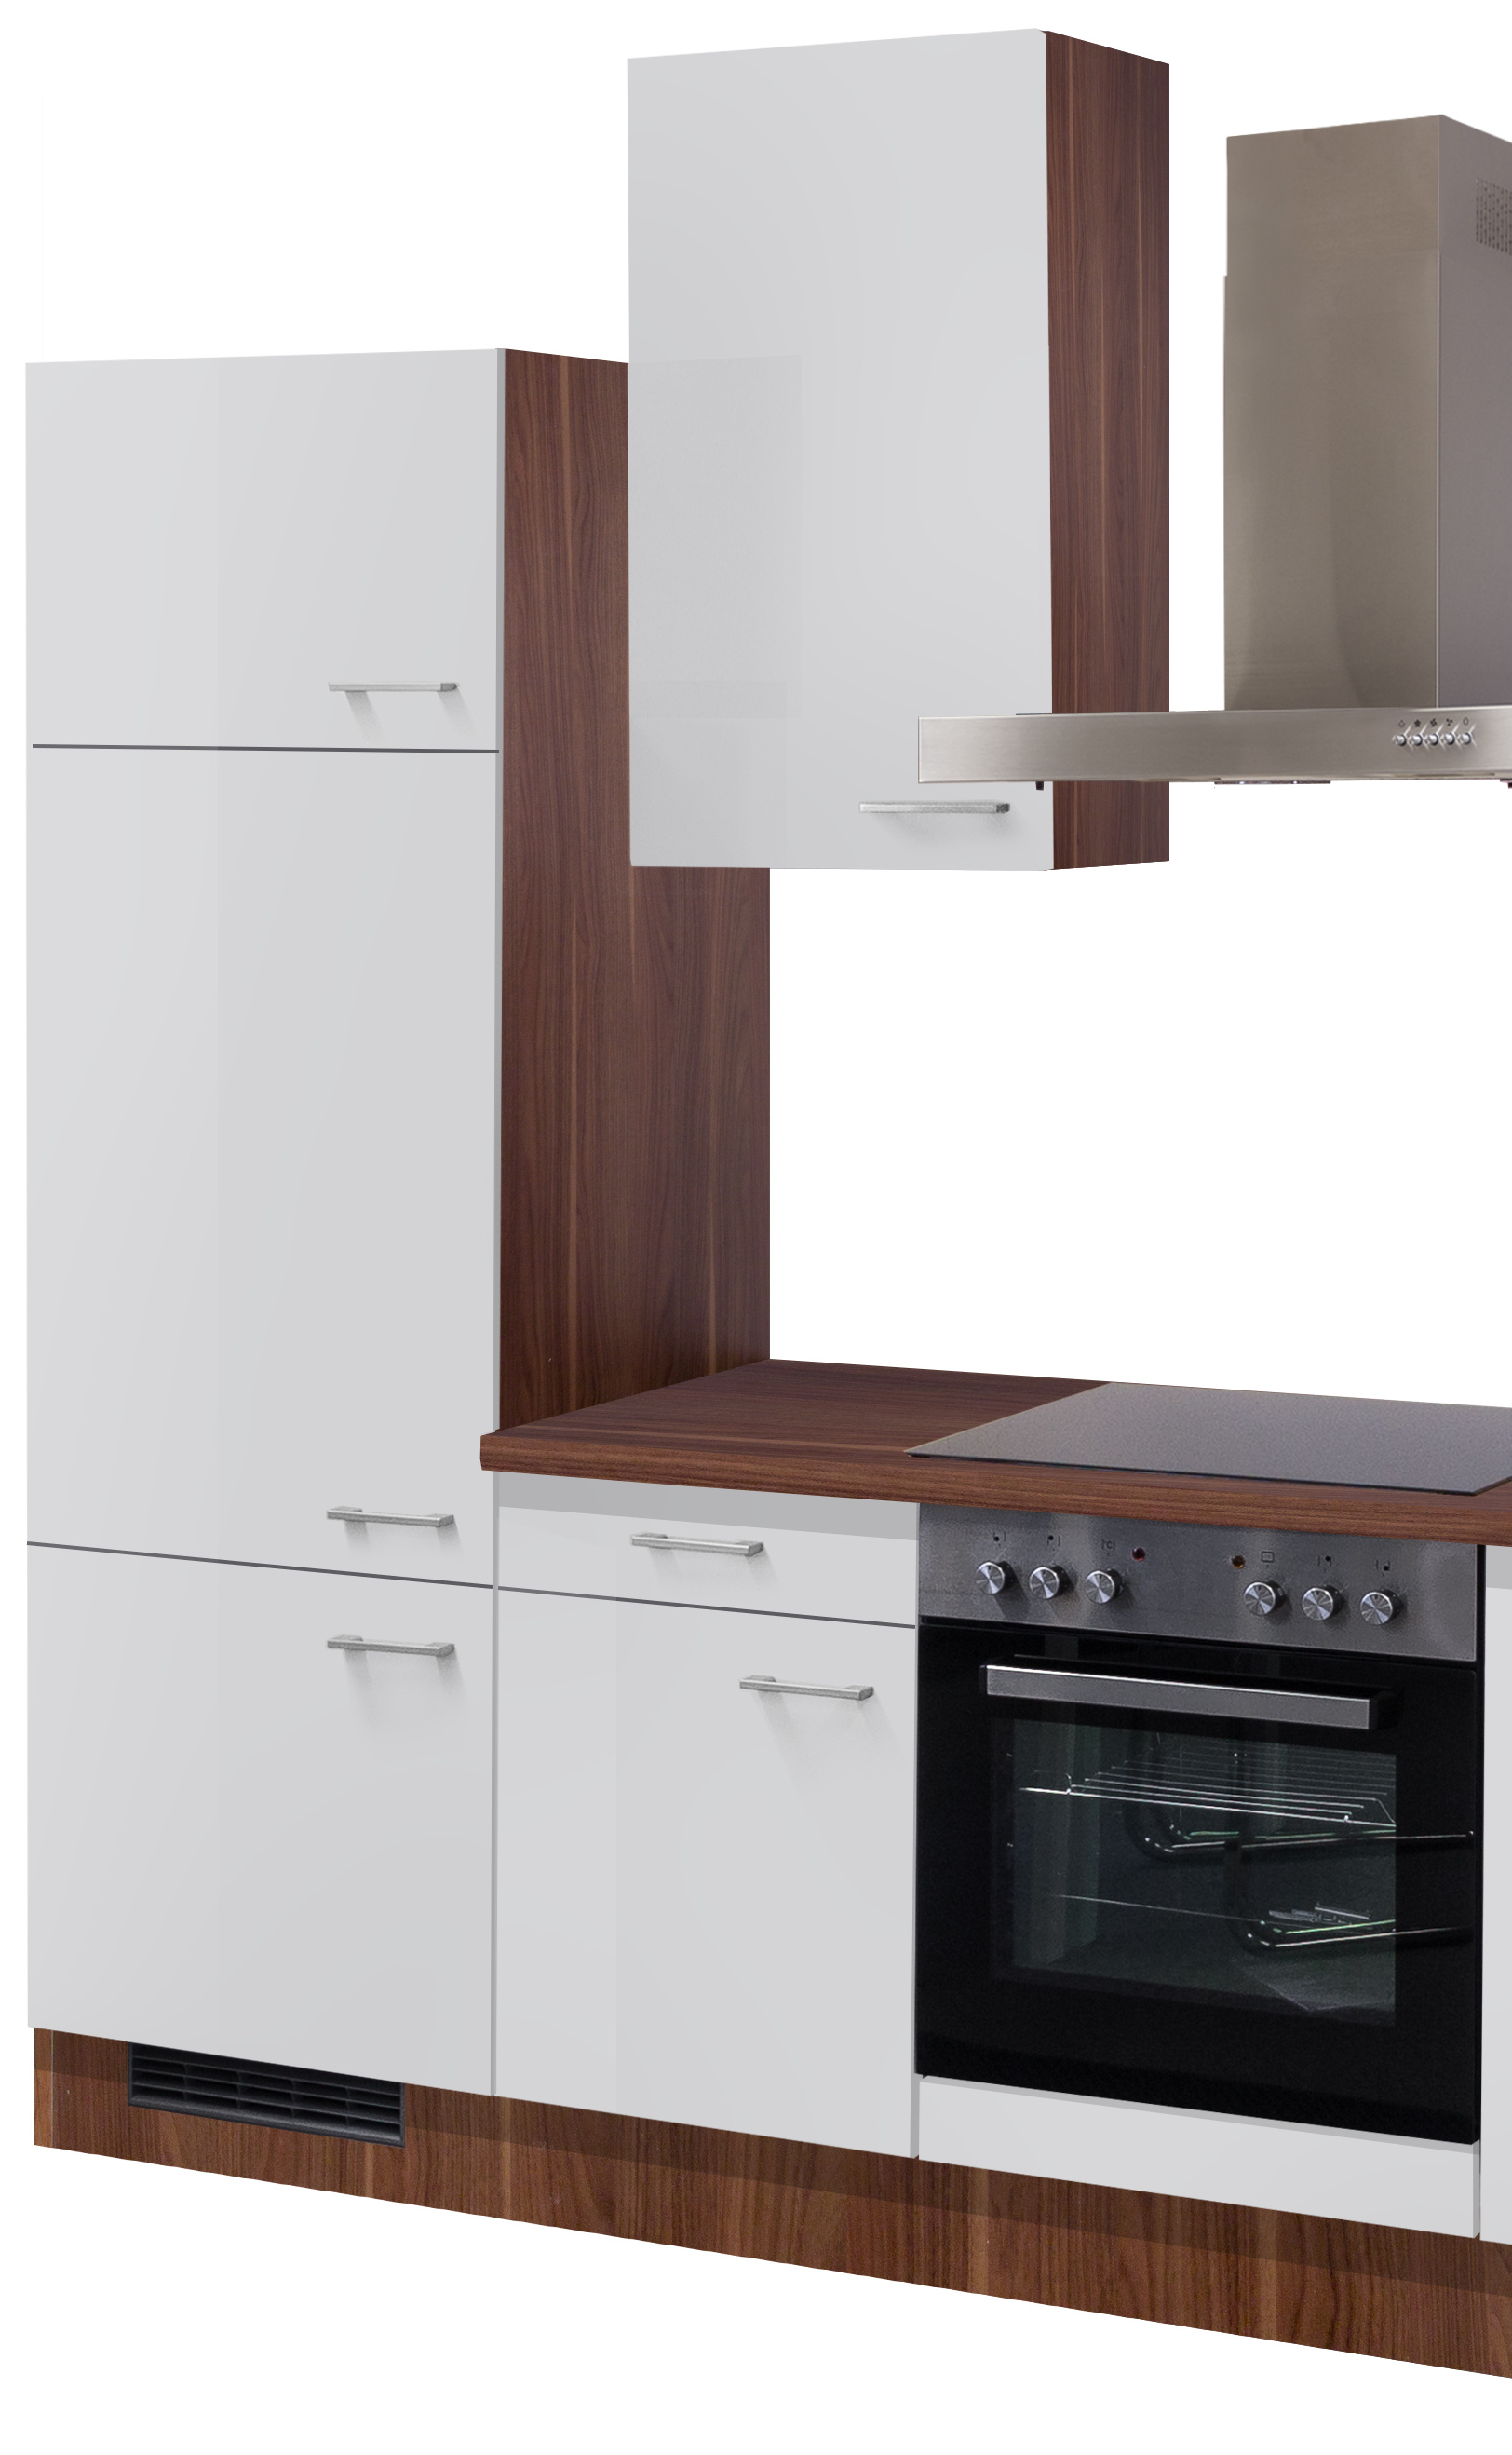 einbauk che cosmo k chenzeile mit elektro ger ten 270 cm perlmutt weiss ebay. Black Bedroom Furniture Sets. Home Design Ideas